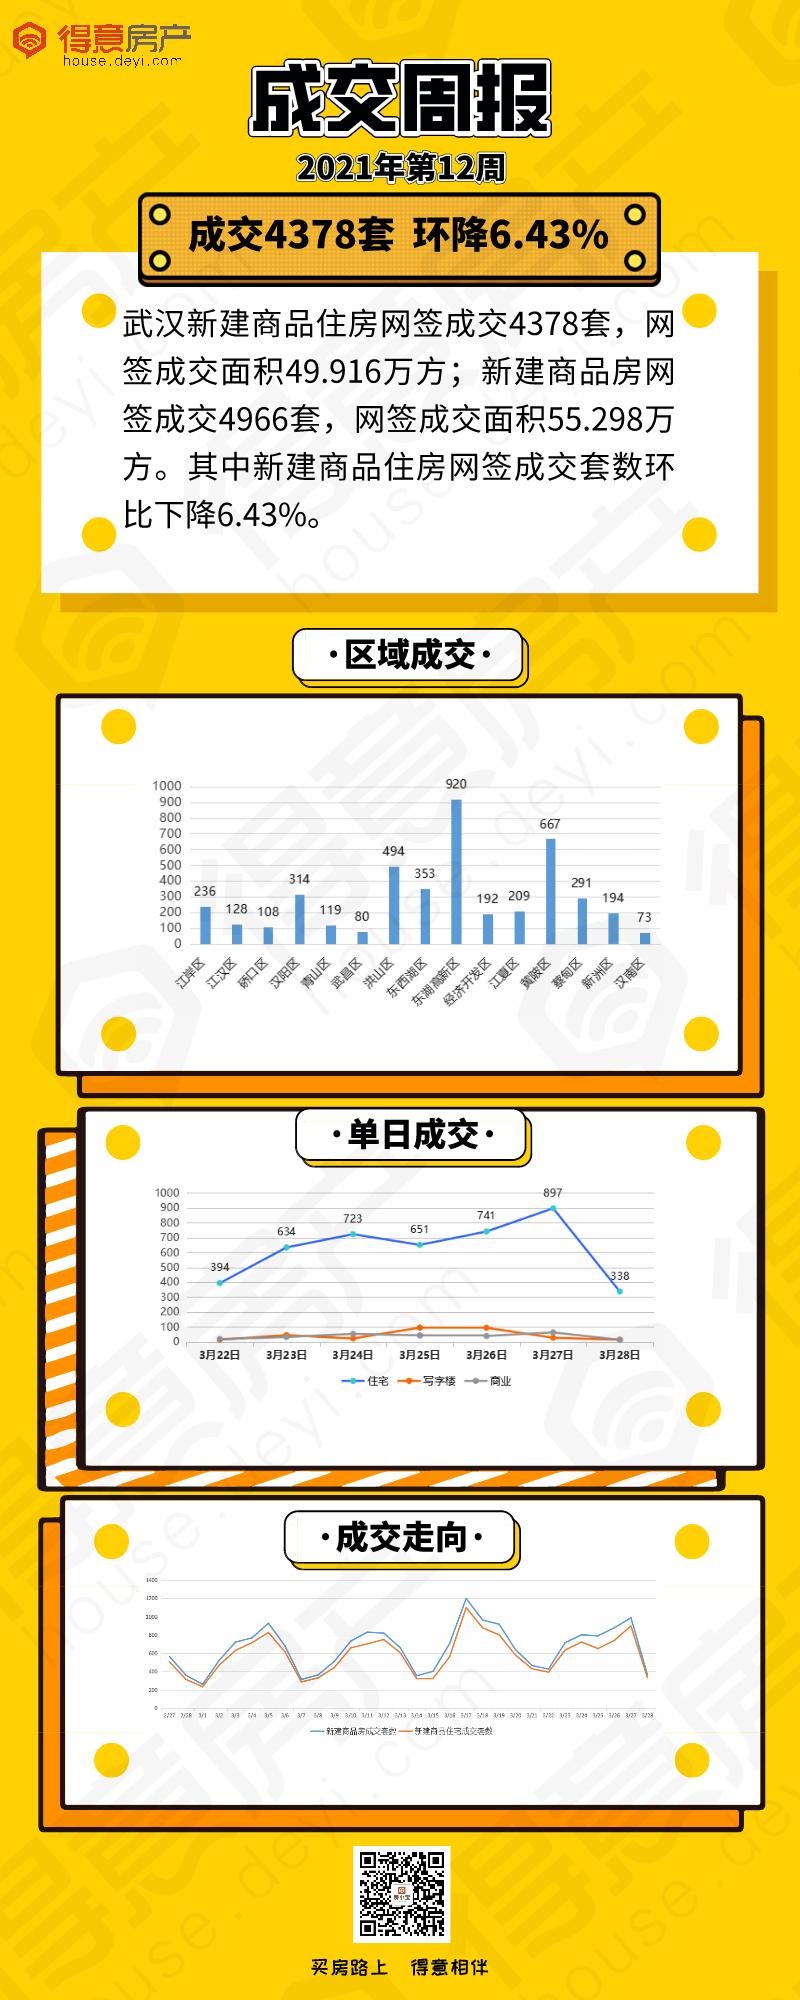 2021.3.28_长图海报_2021-03-29-0.png